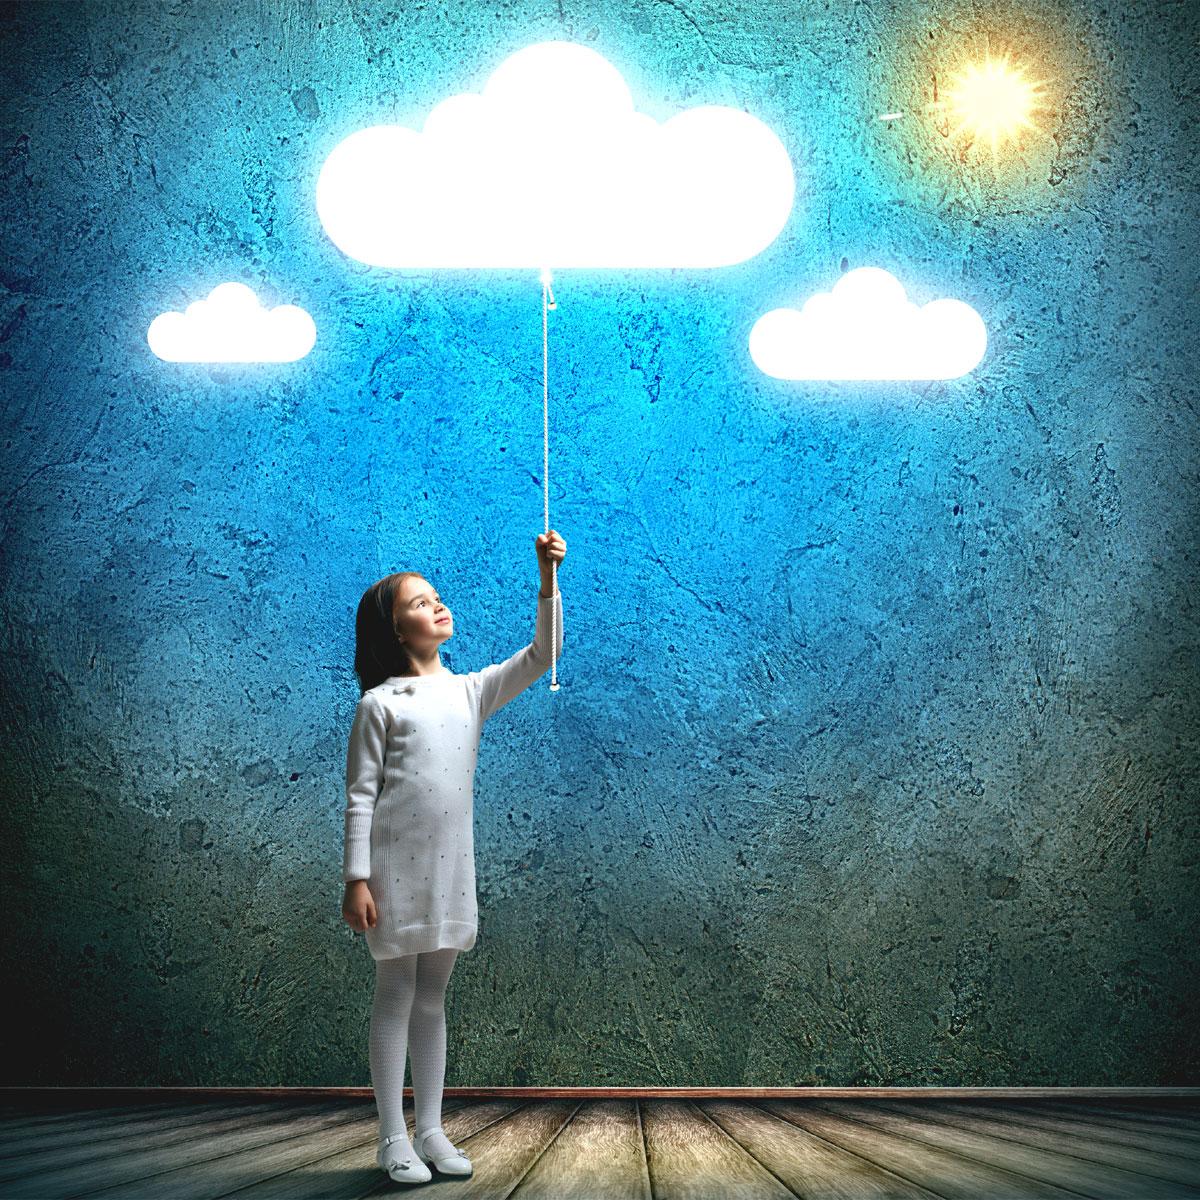 Frasi sull'immaginazione